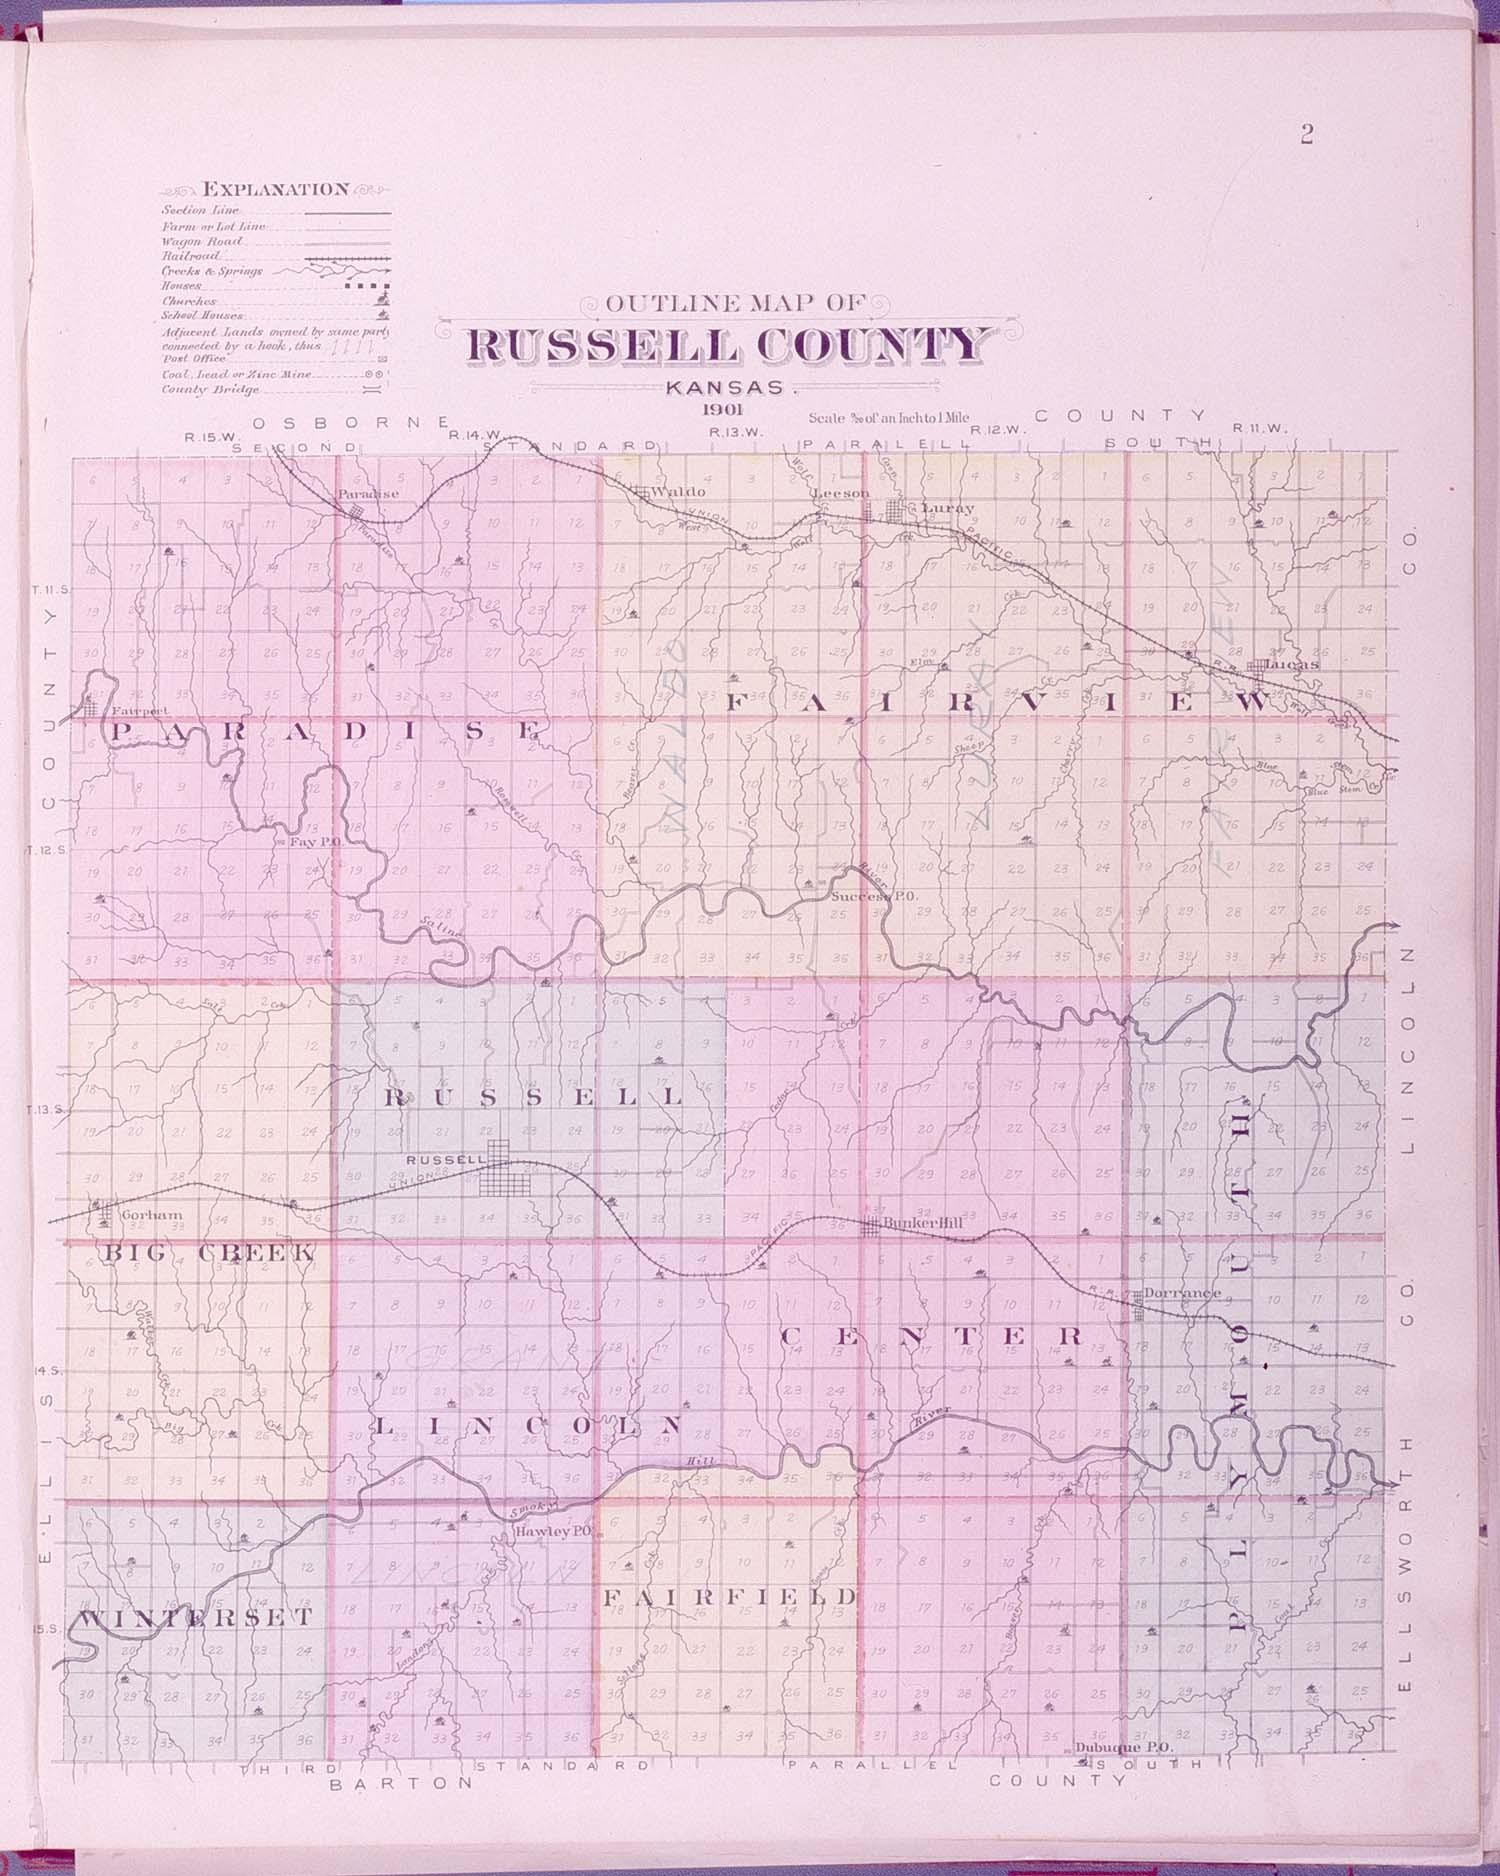 Plat book, Russell County, Kansas - 2